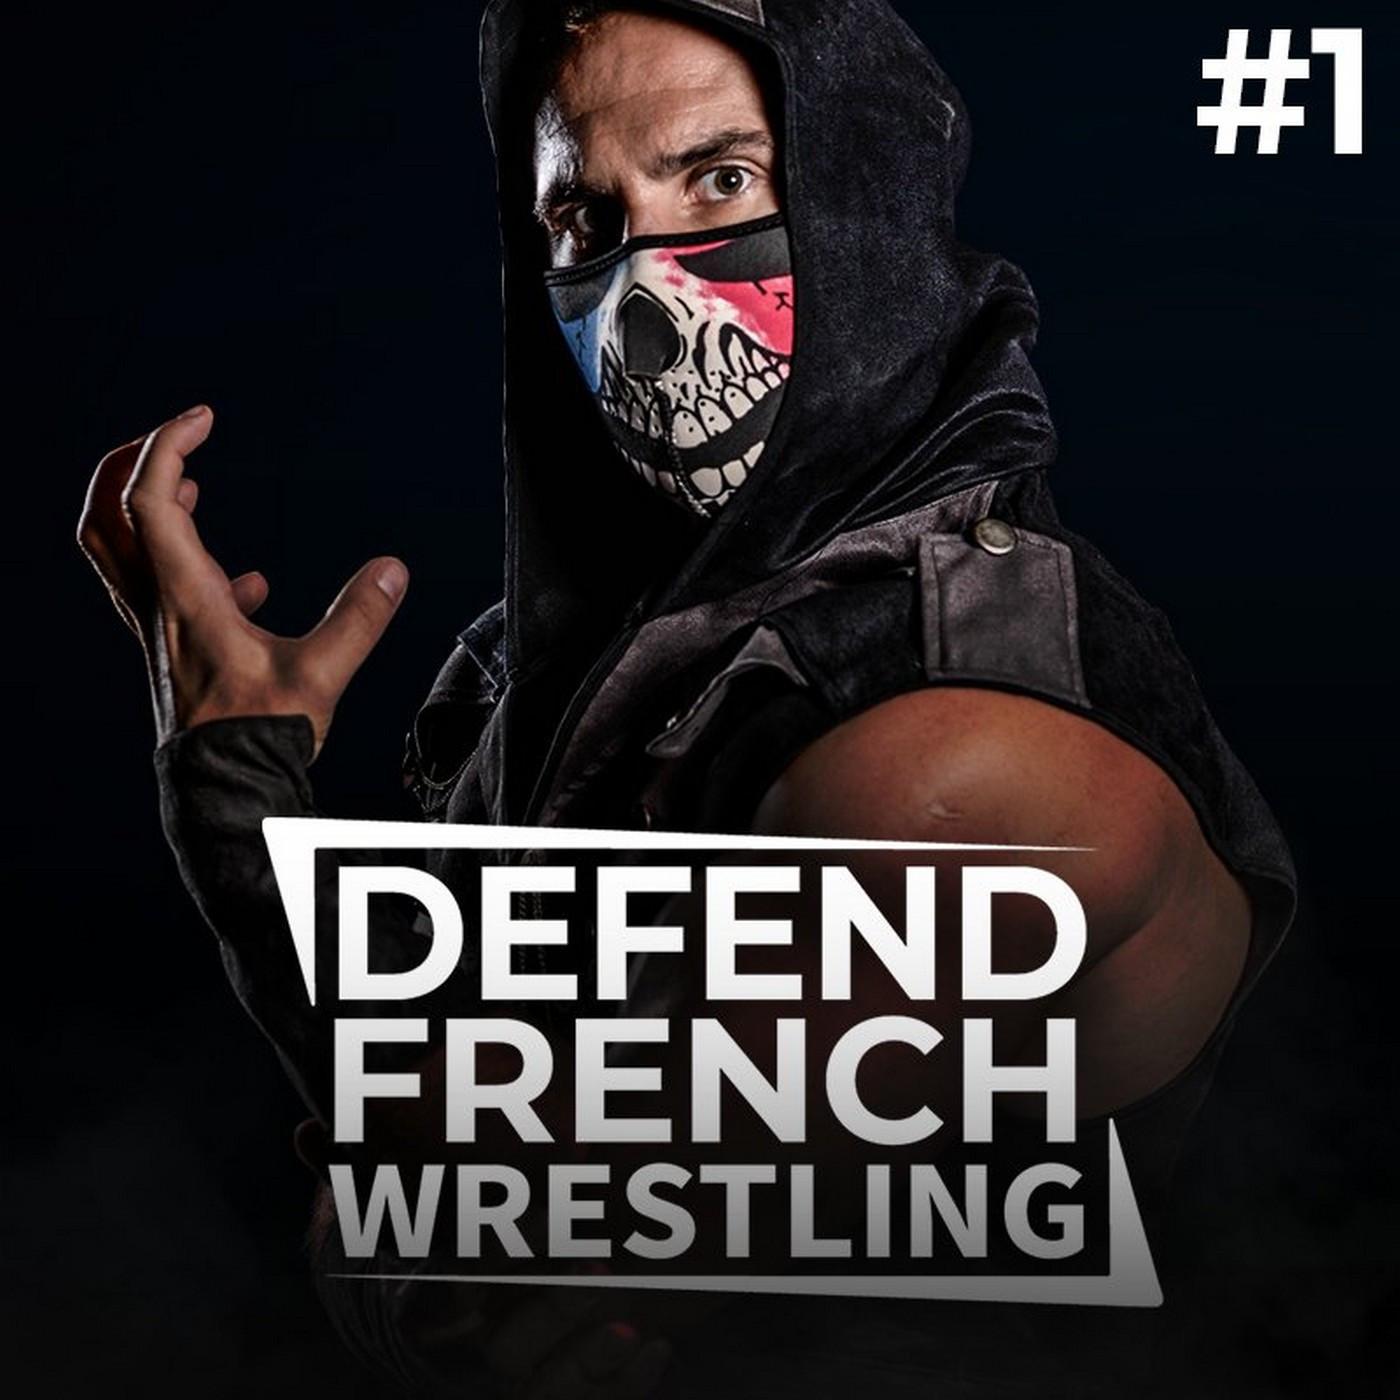 Defend French Wrestling #1 - Review APC Résistance Saison 1